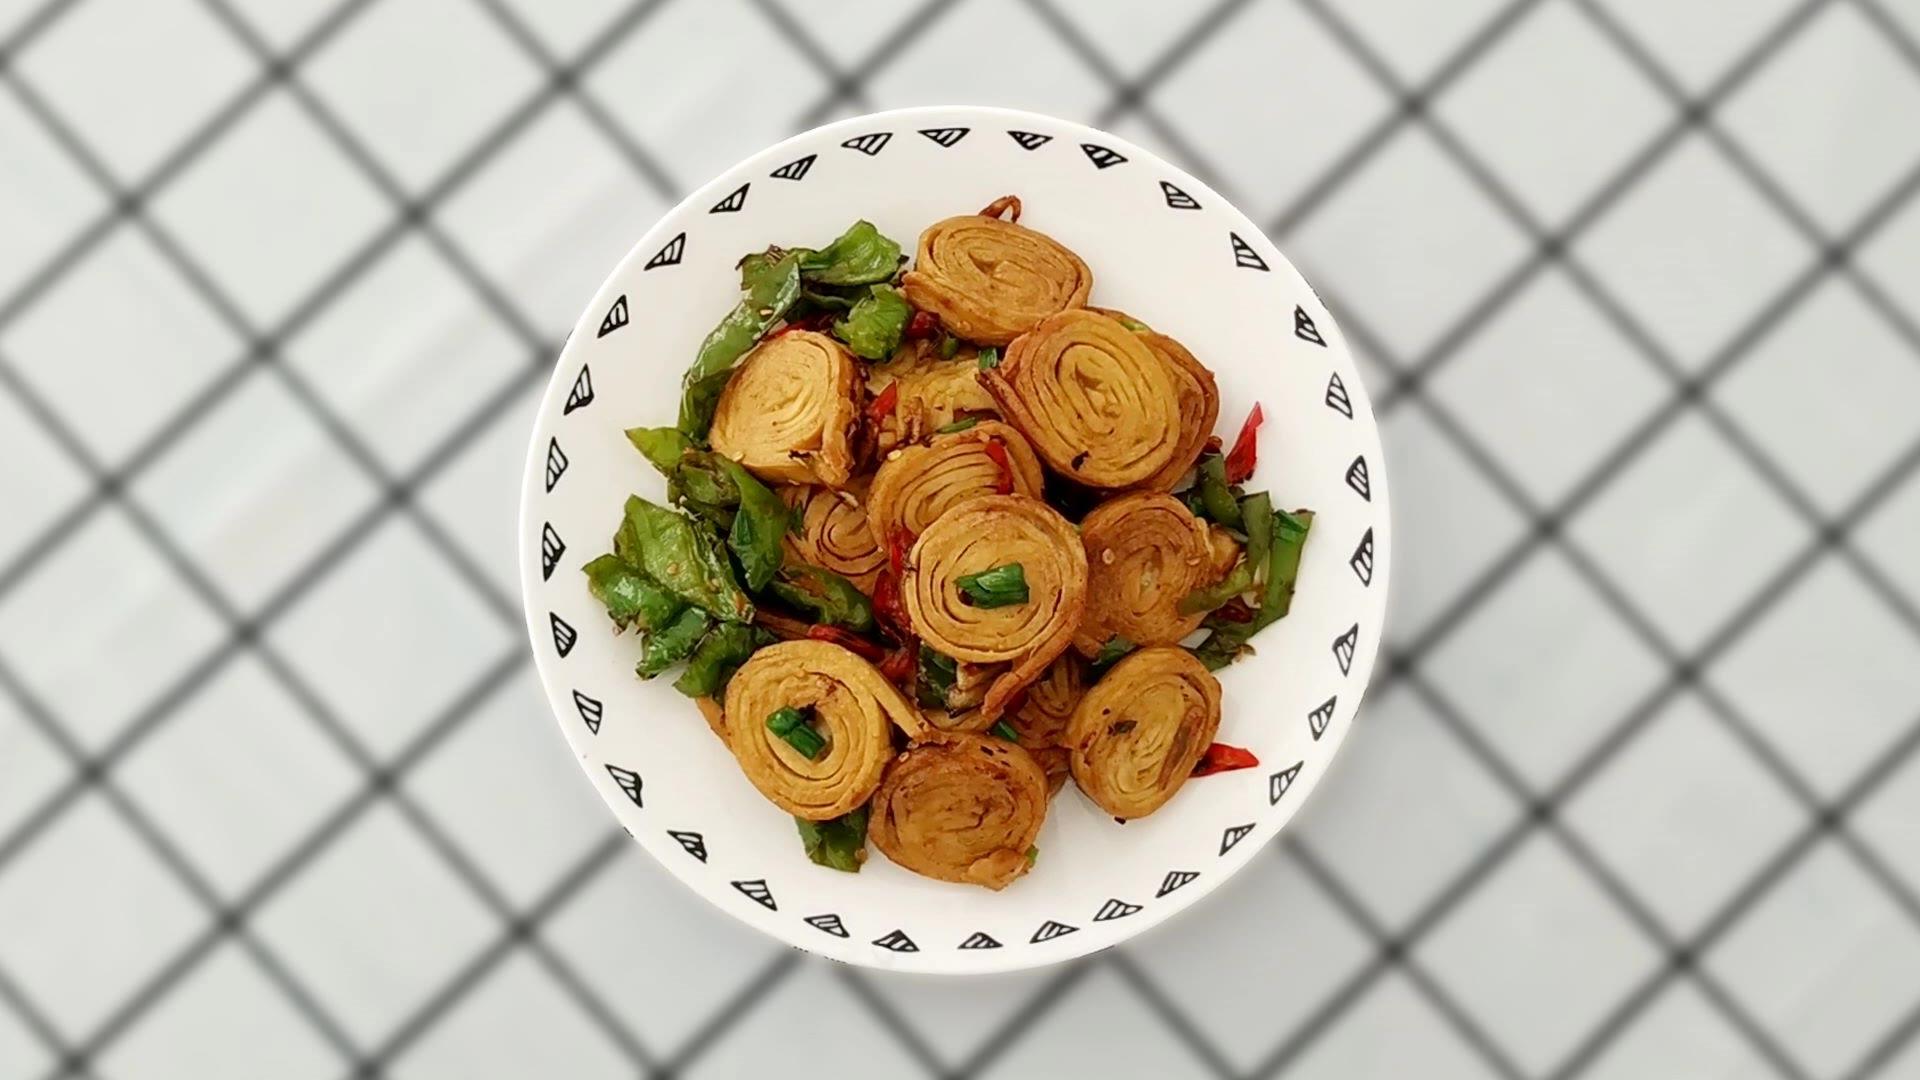 臭豆腐卷简单又好吃的做法,一煎一炒,香辣美味又下饭